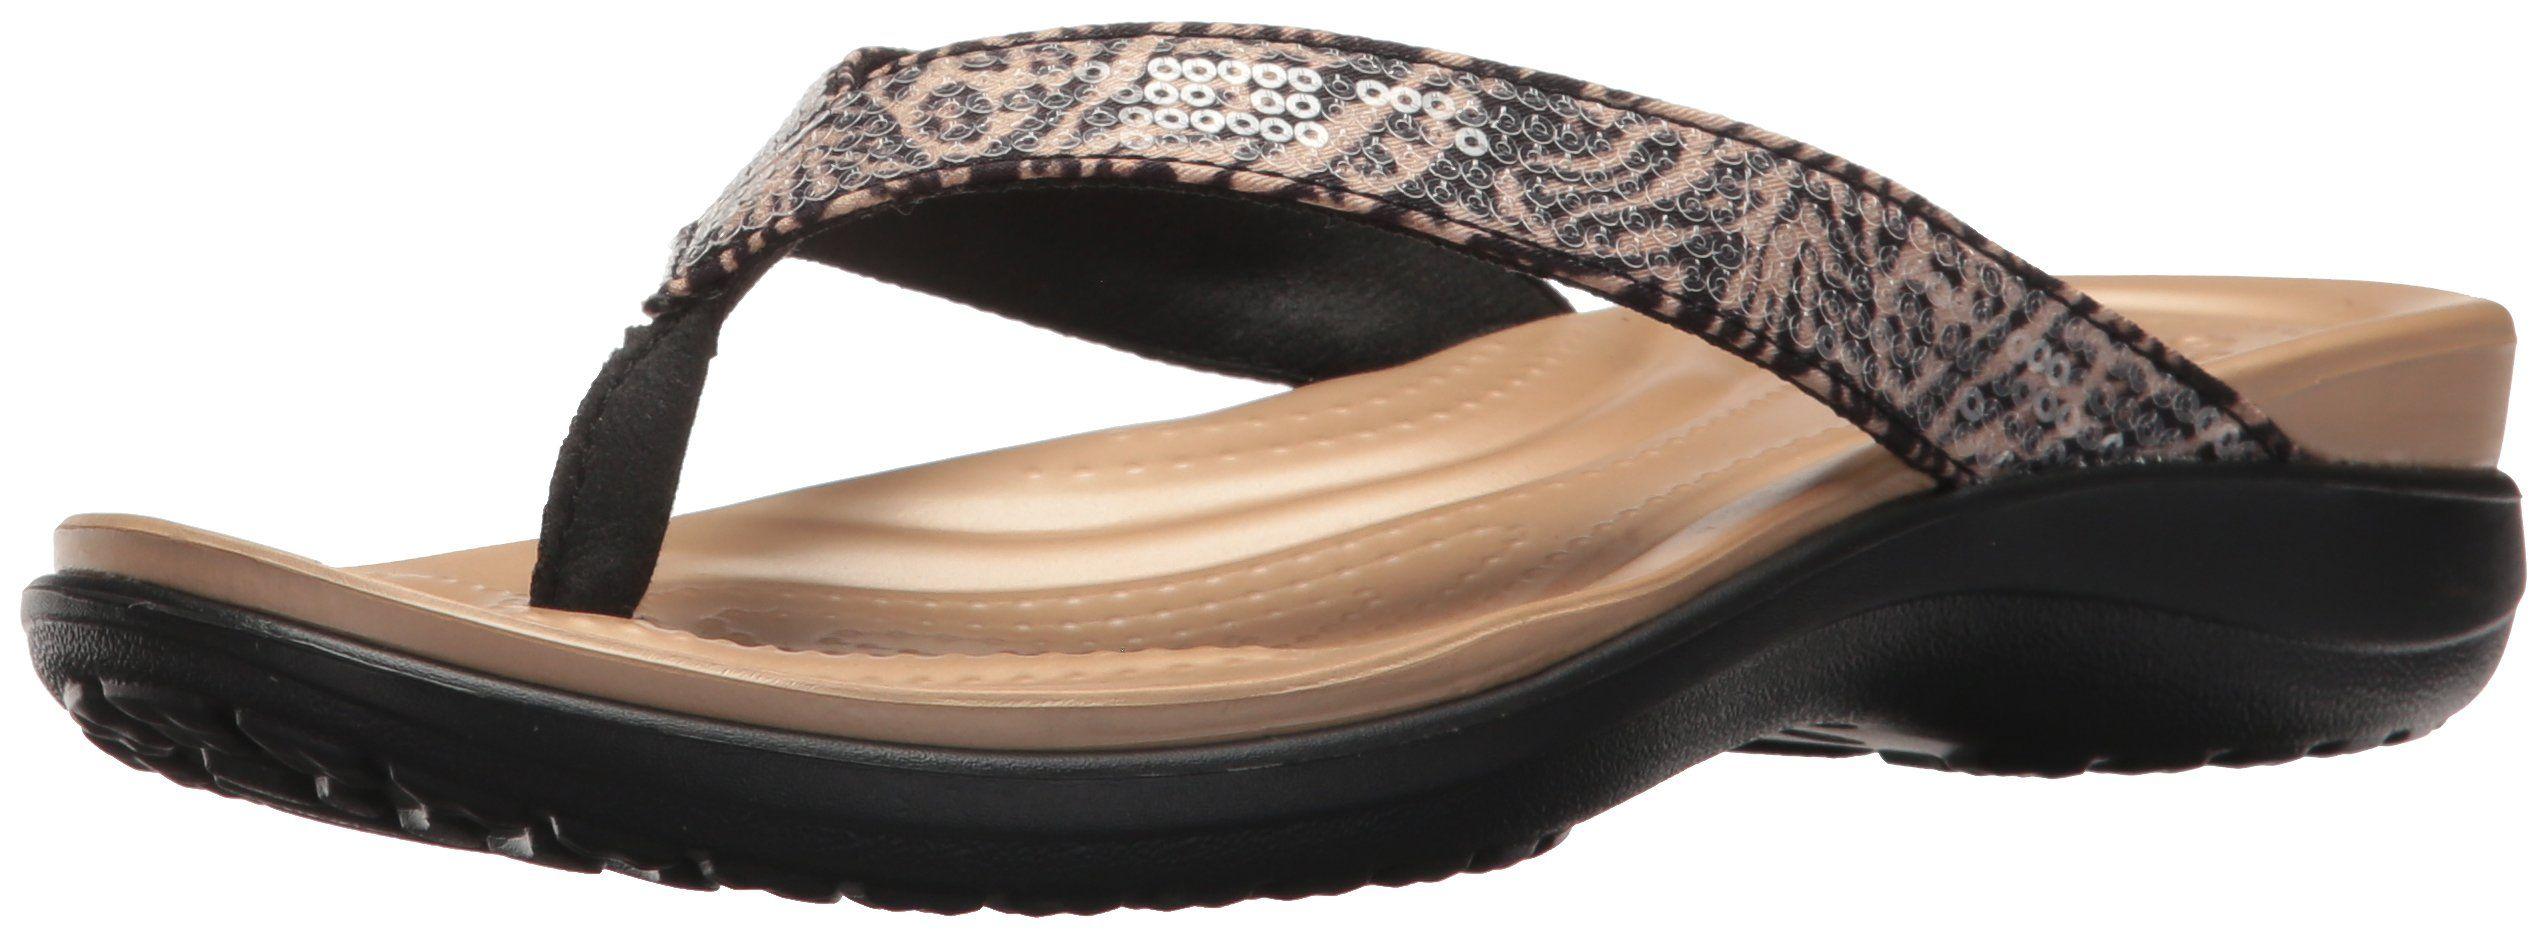 47ea44412 Crocs Women s Capri V Graphic Sequin W Flip-Flop